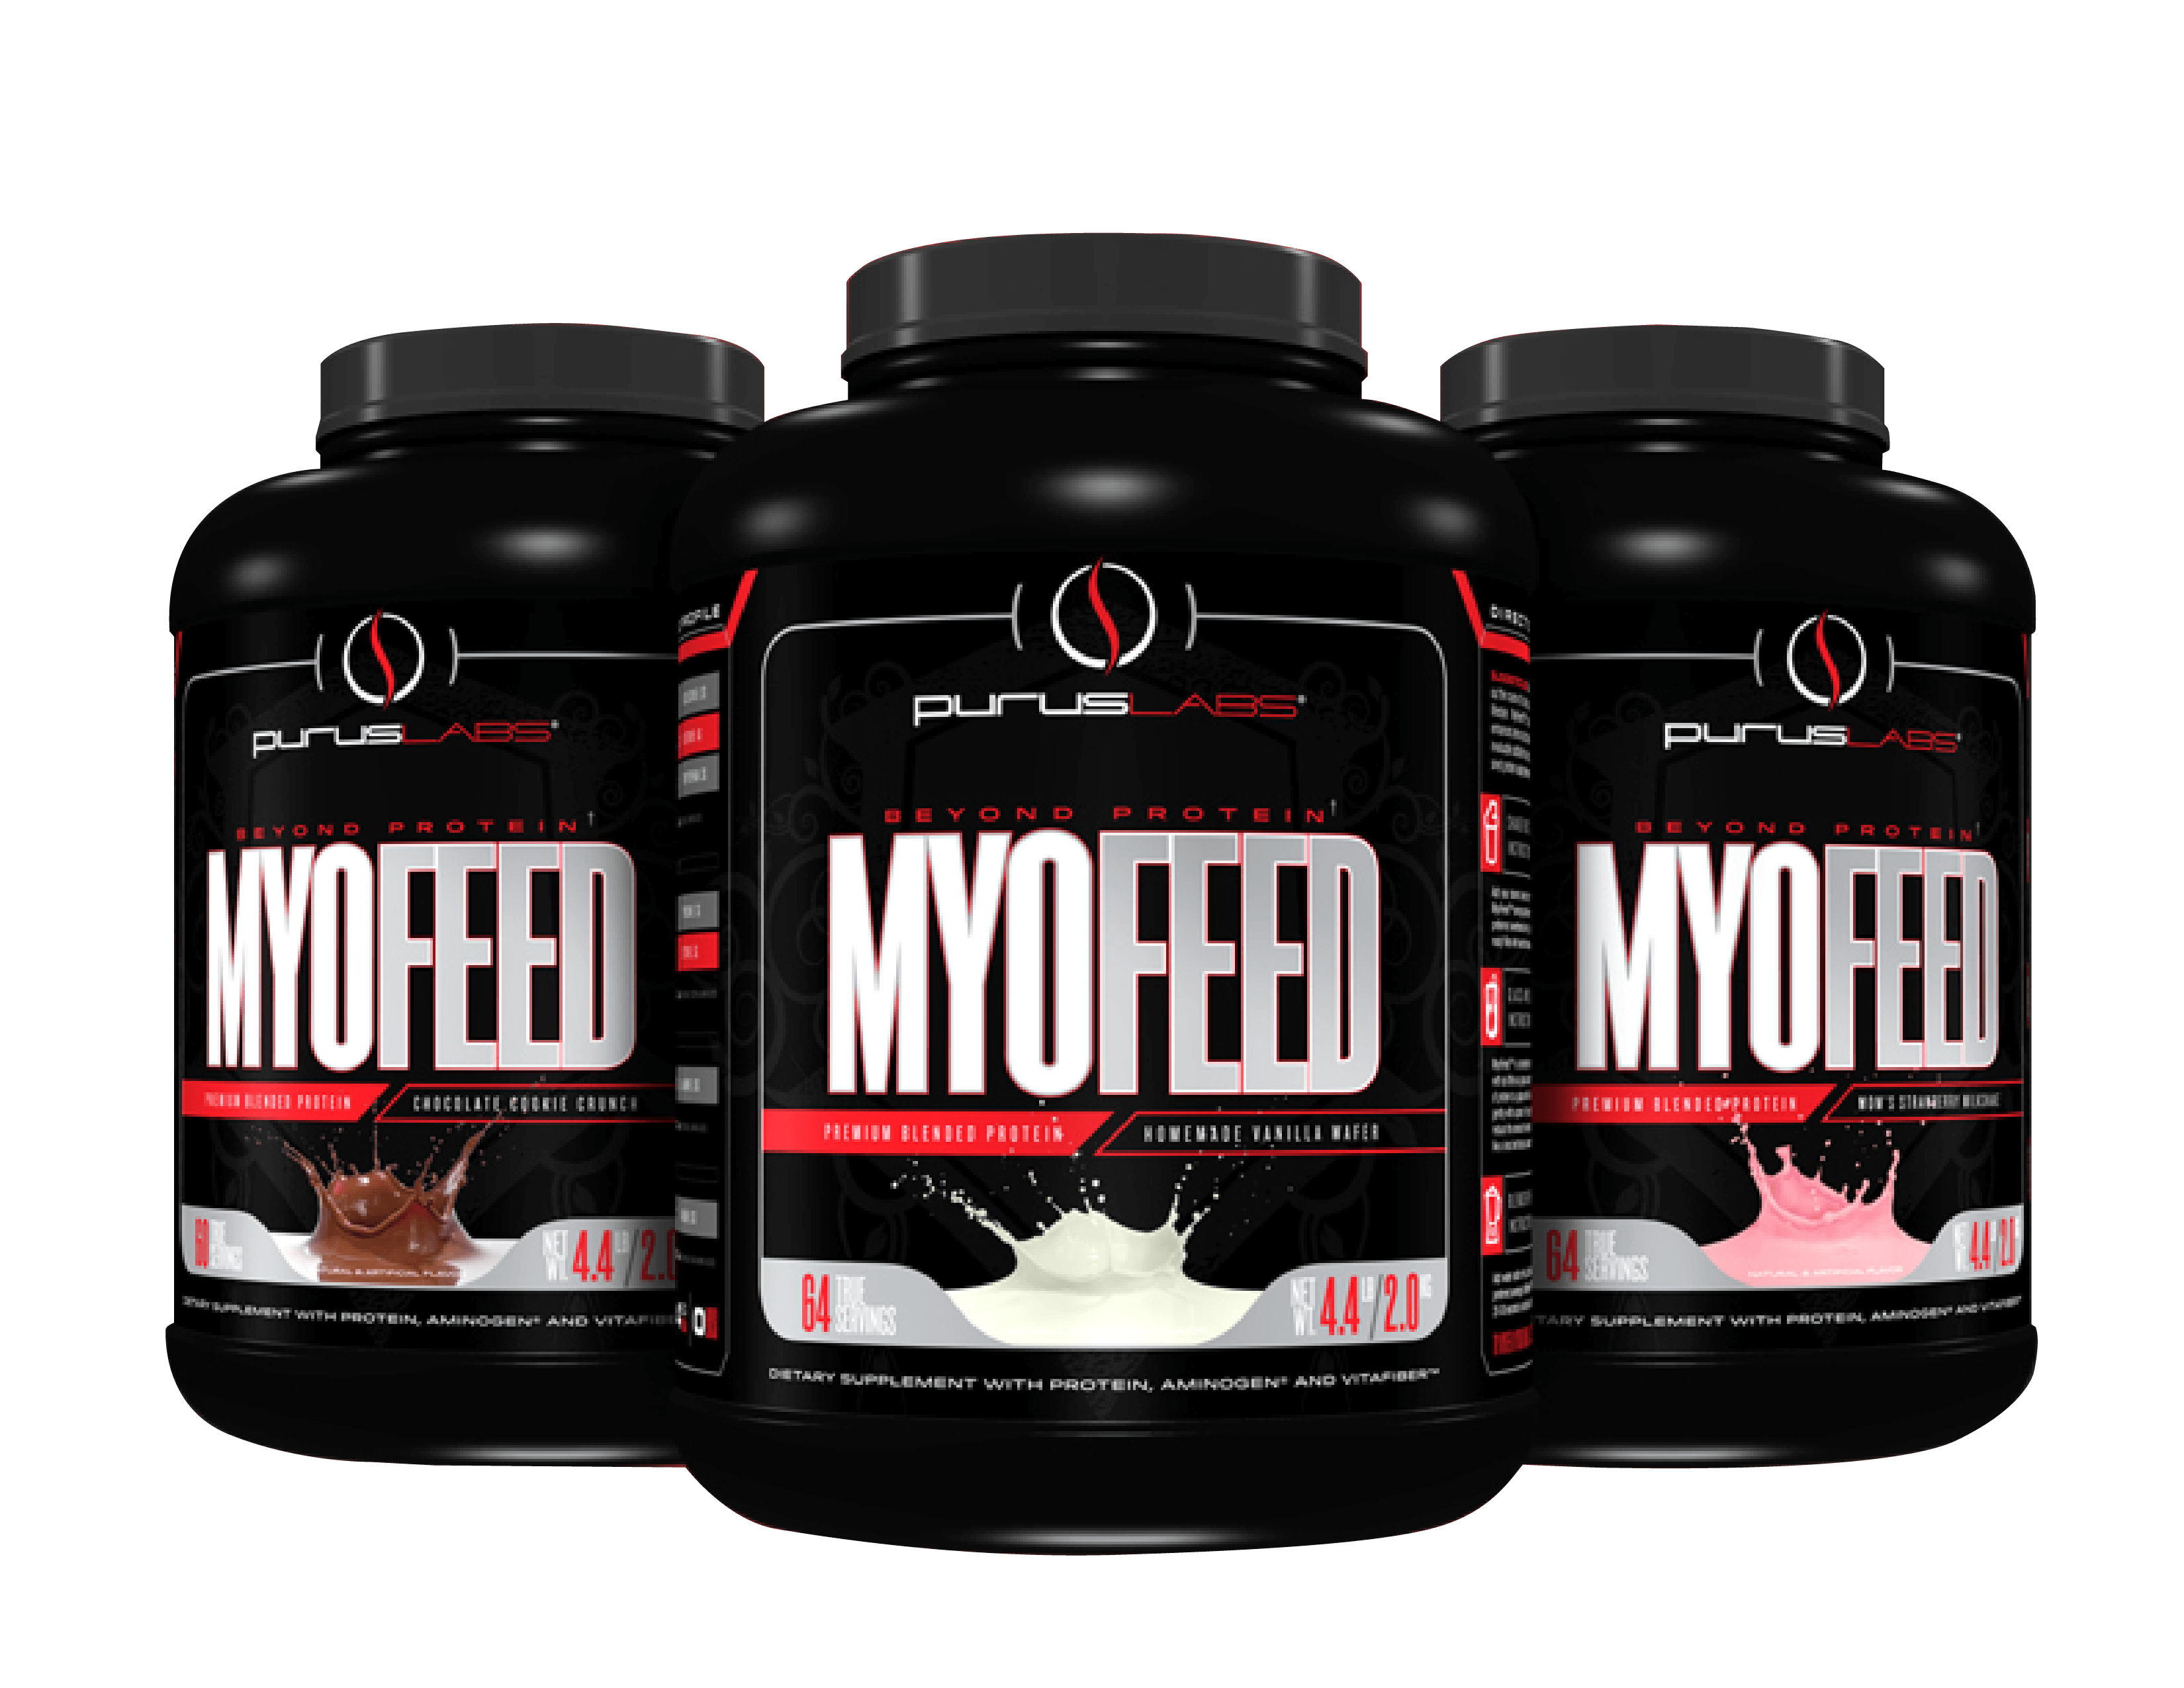 milltronics partner #1 weight loss supplements